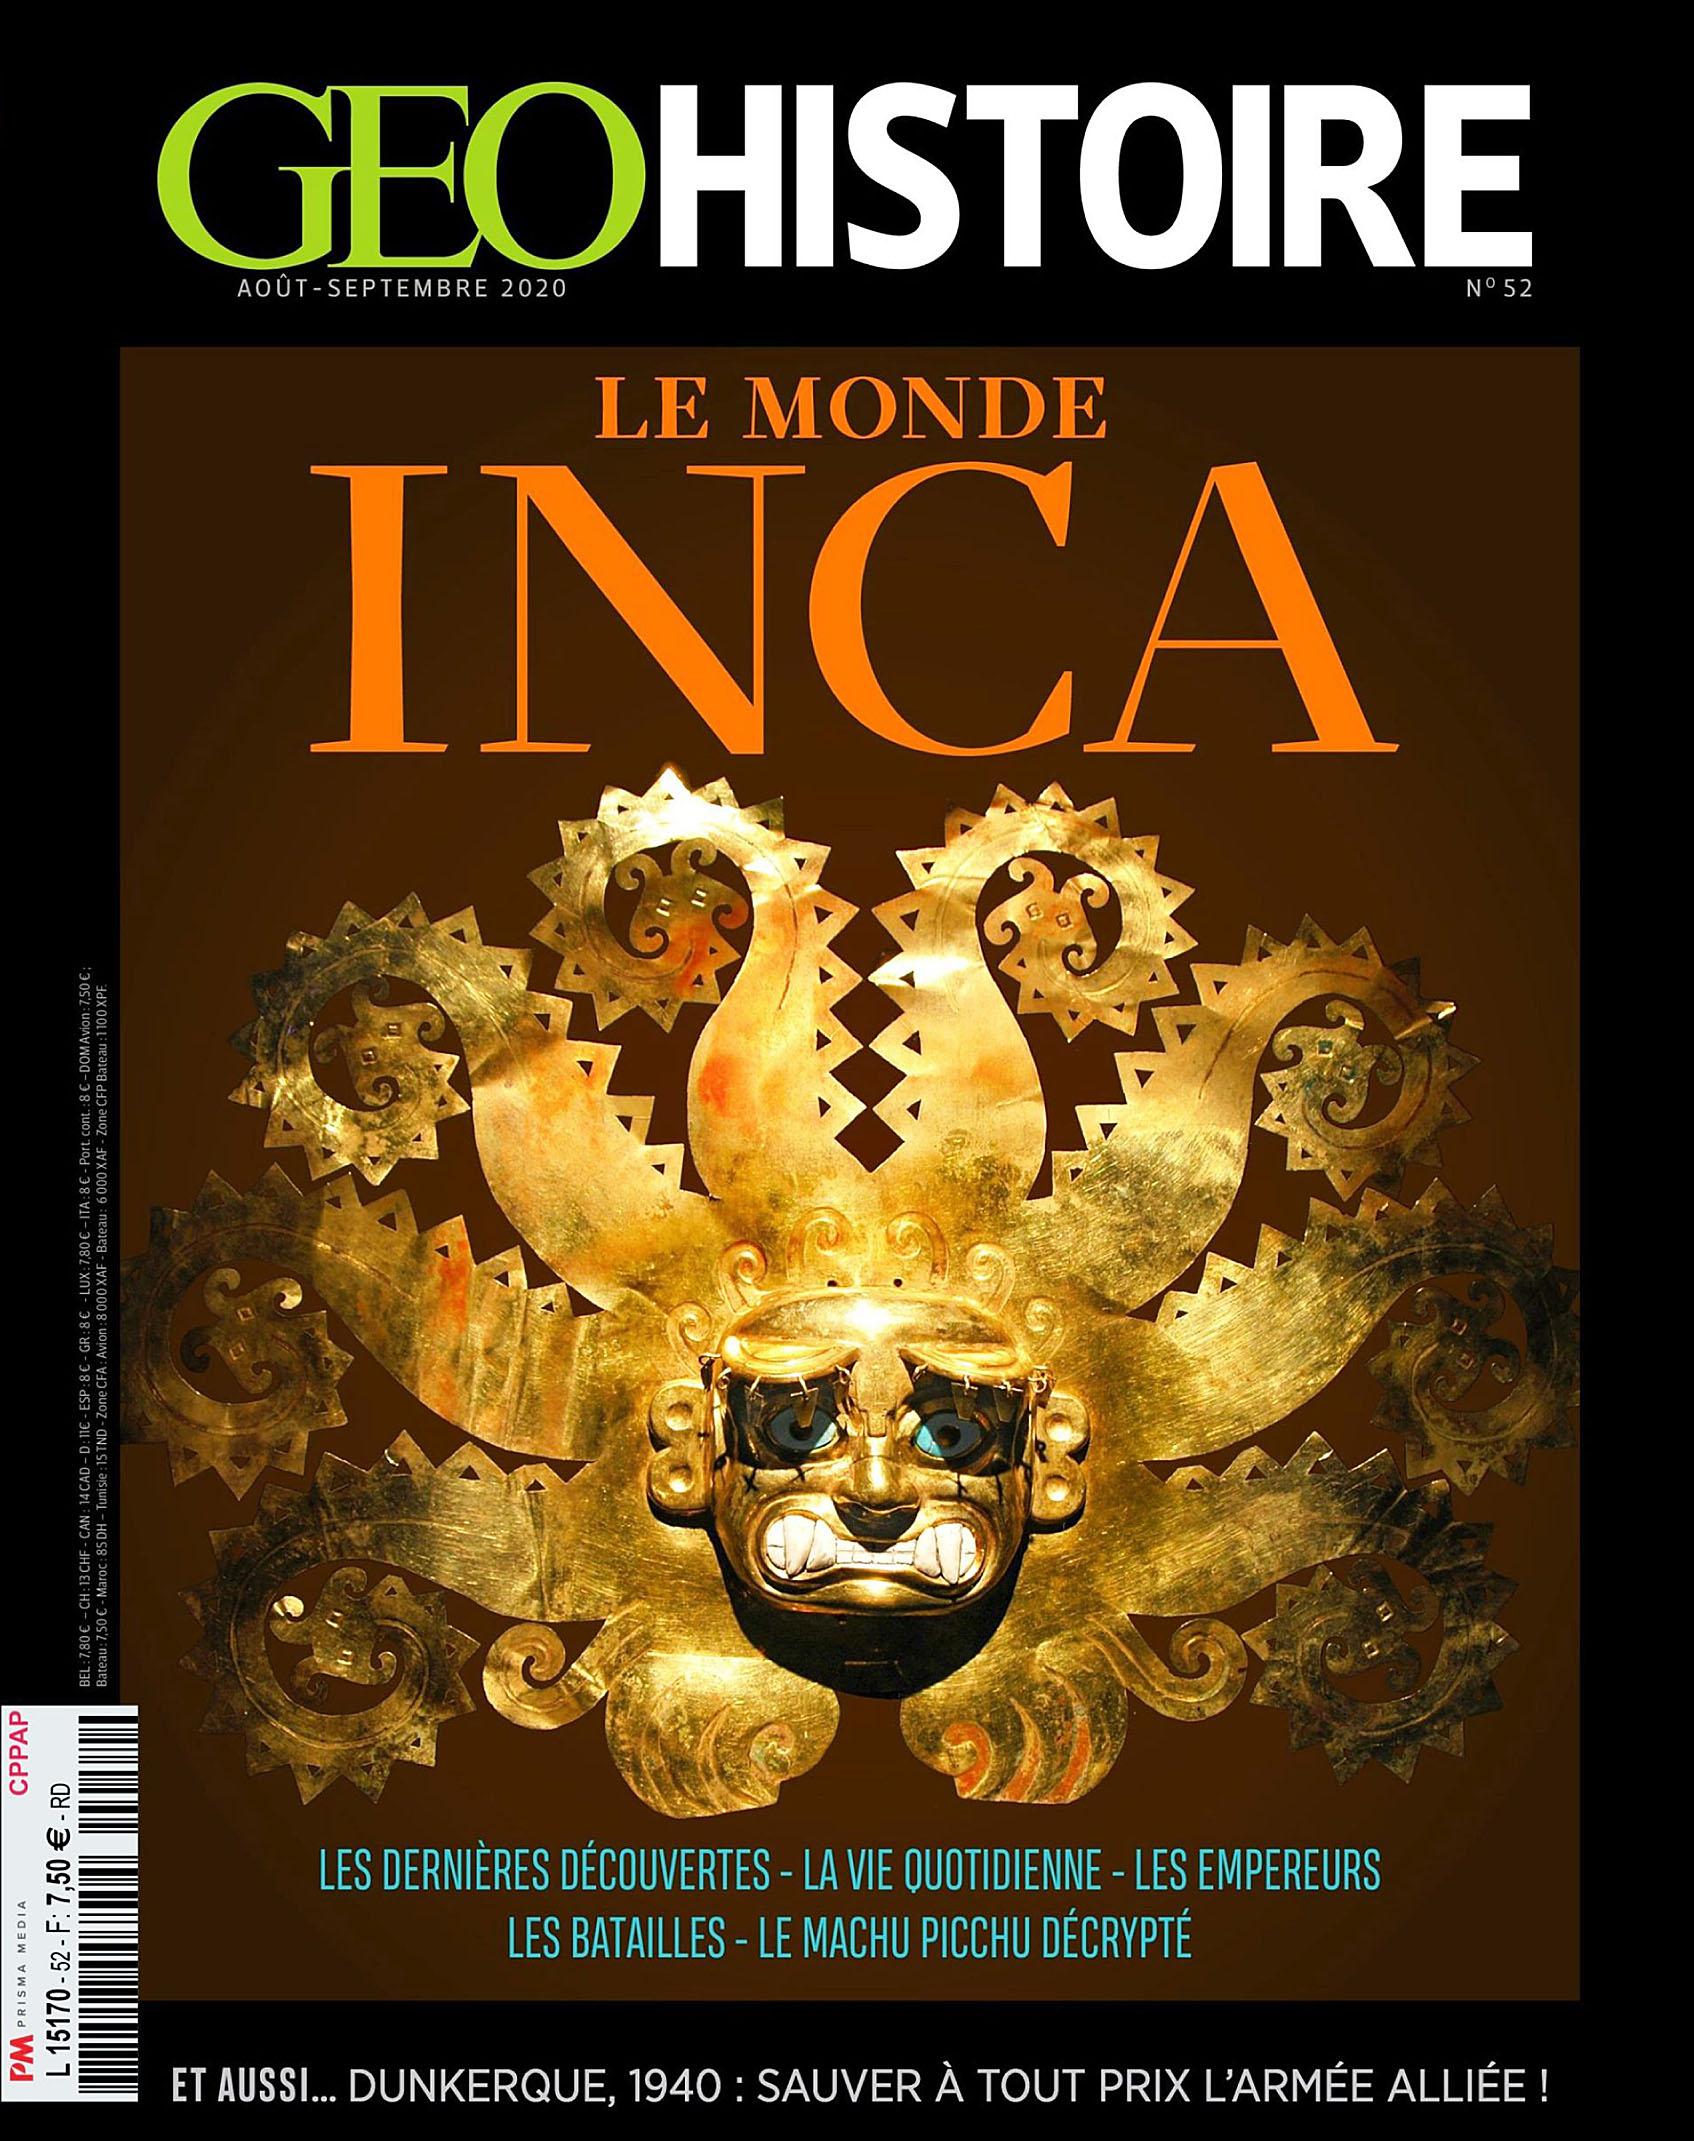 GEO Histoire 52 2020-08-09 01.jpg